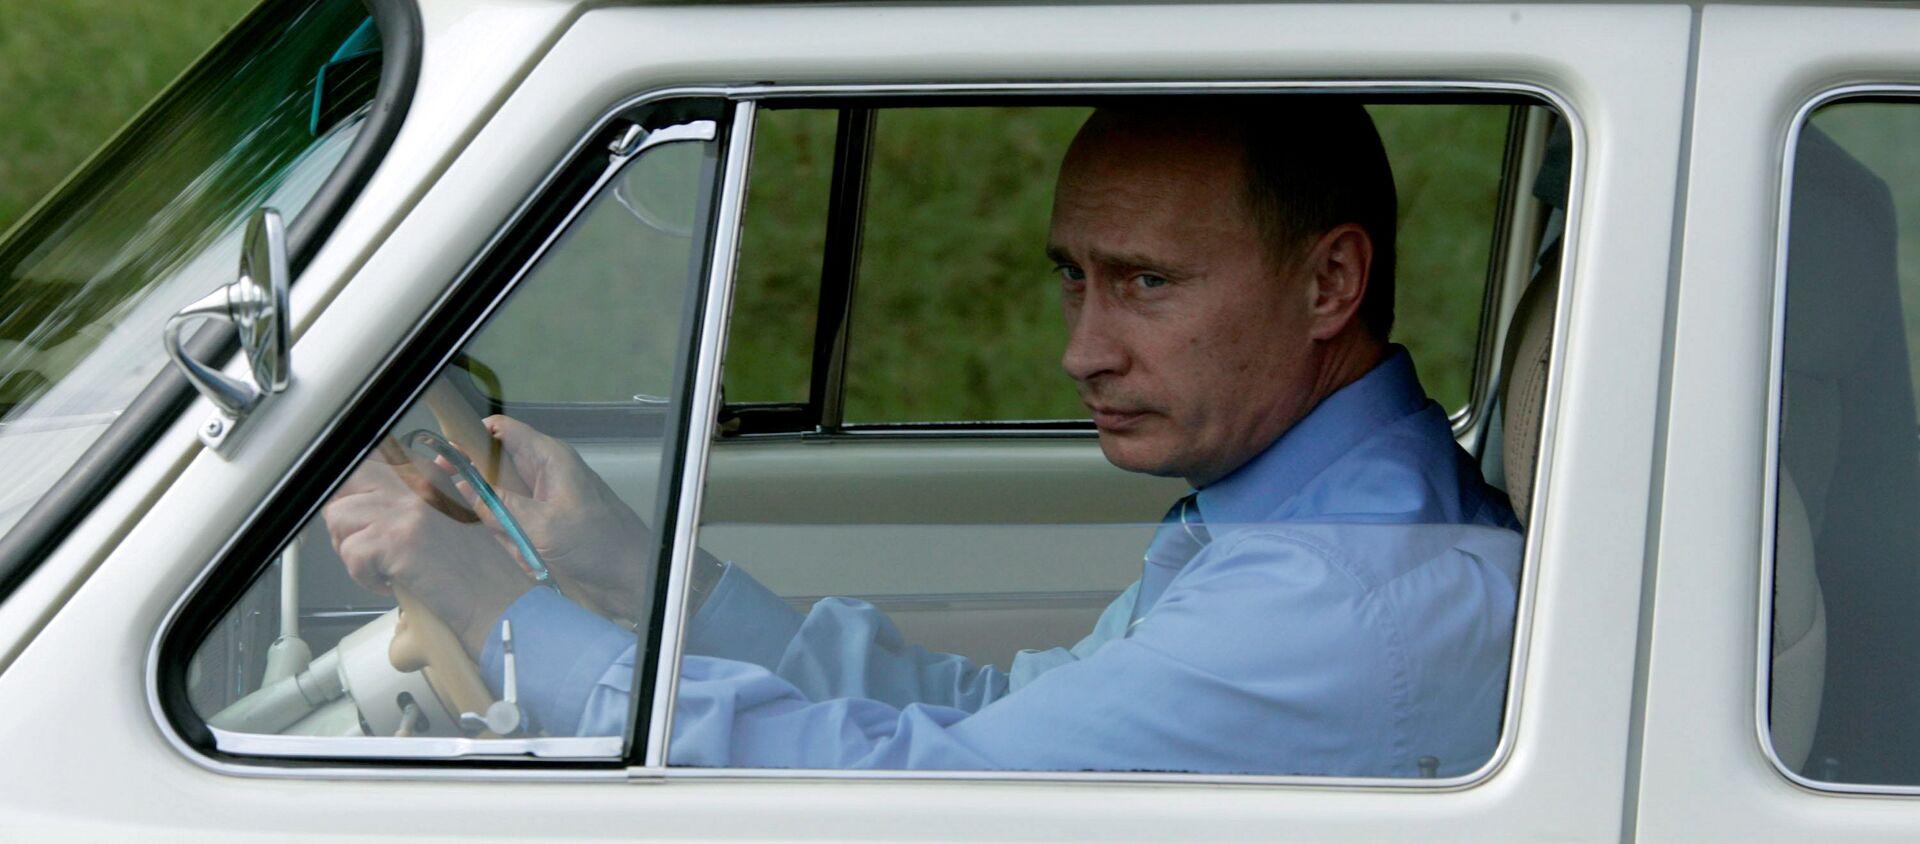 El presidente de Rusia, Vladímir Putin - Sputnik Mundo, 1920, 07.06.2016